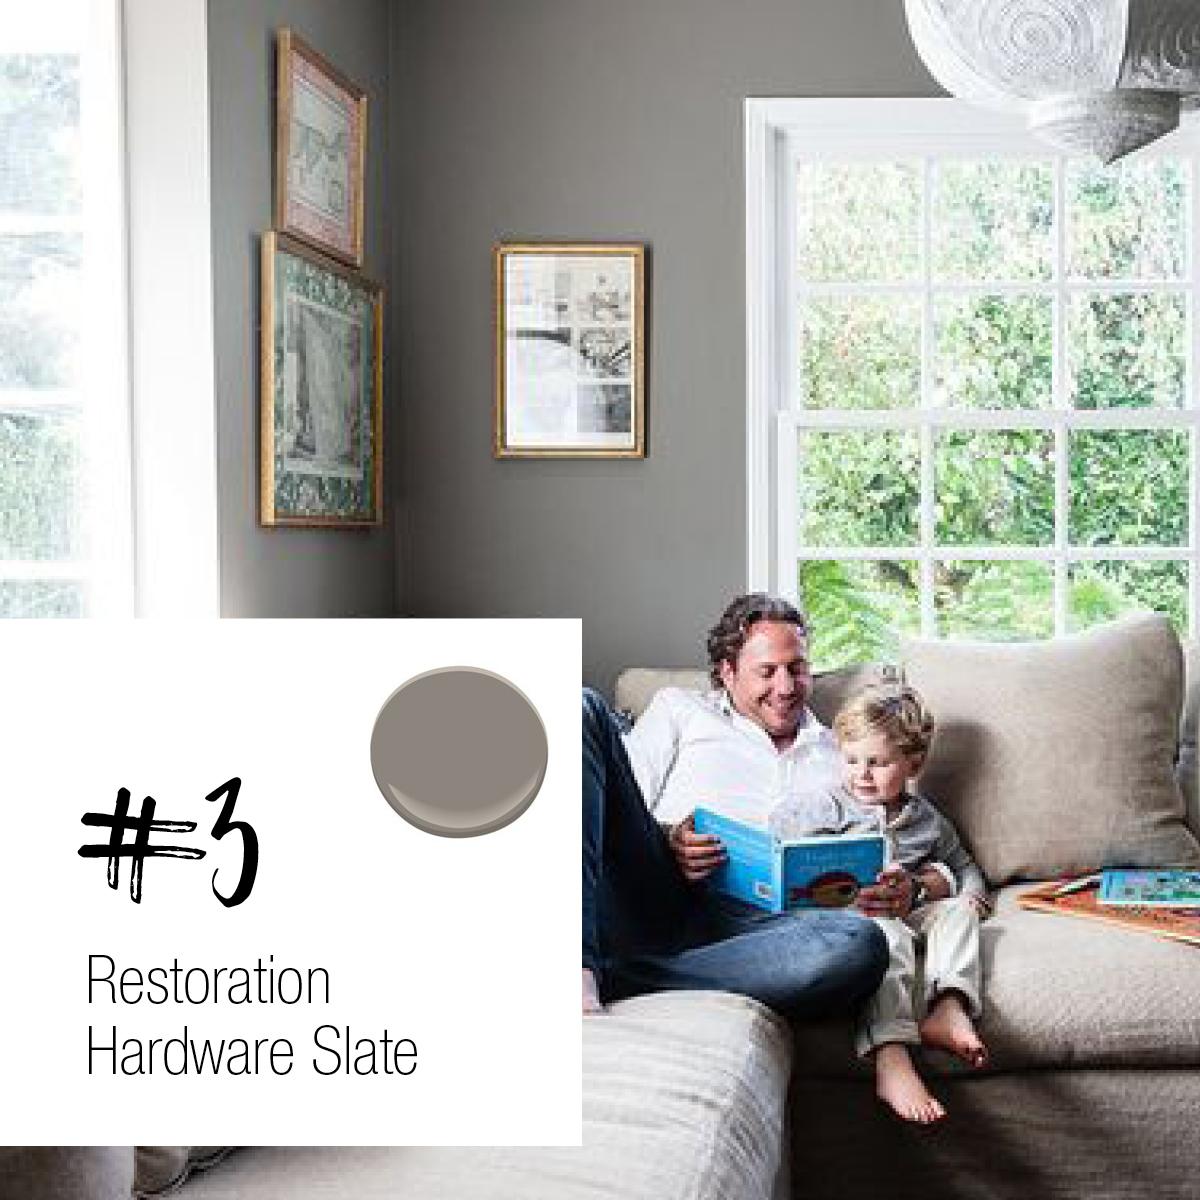 Restoration Hardware Slate